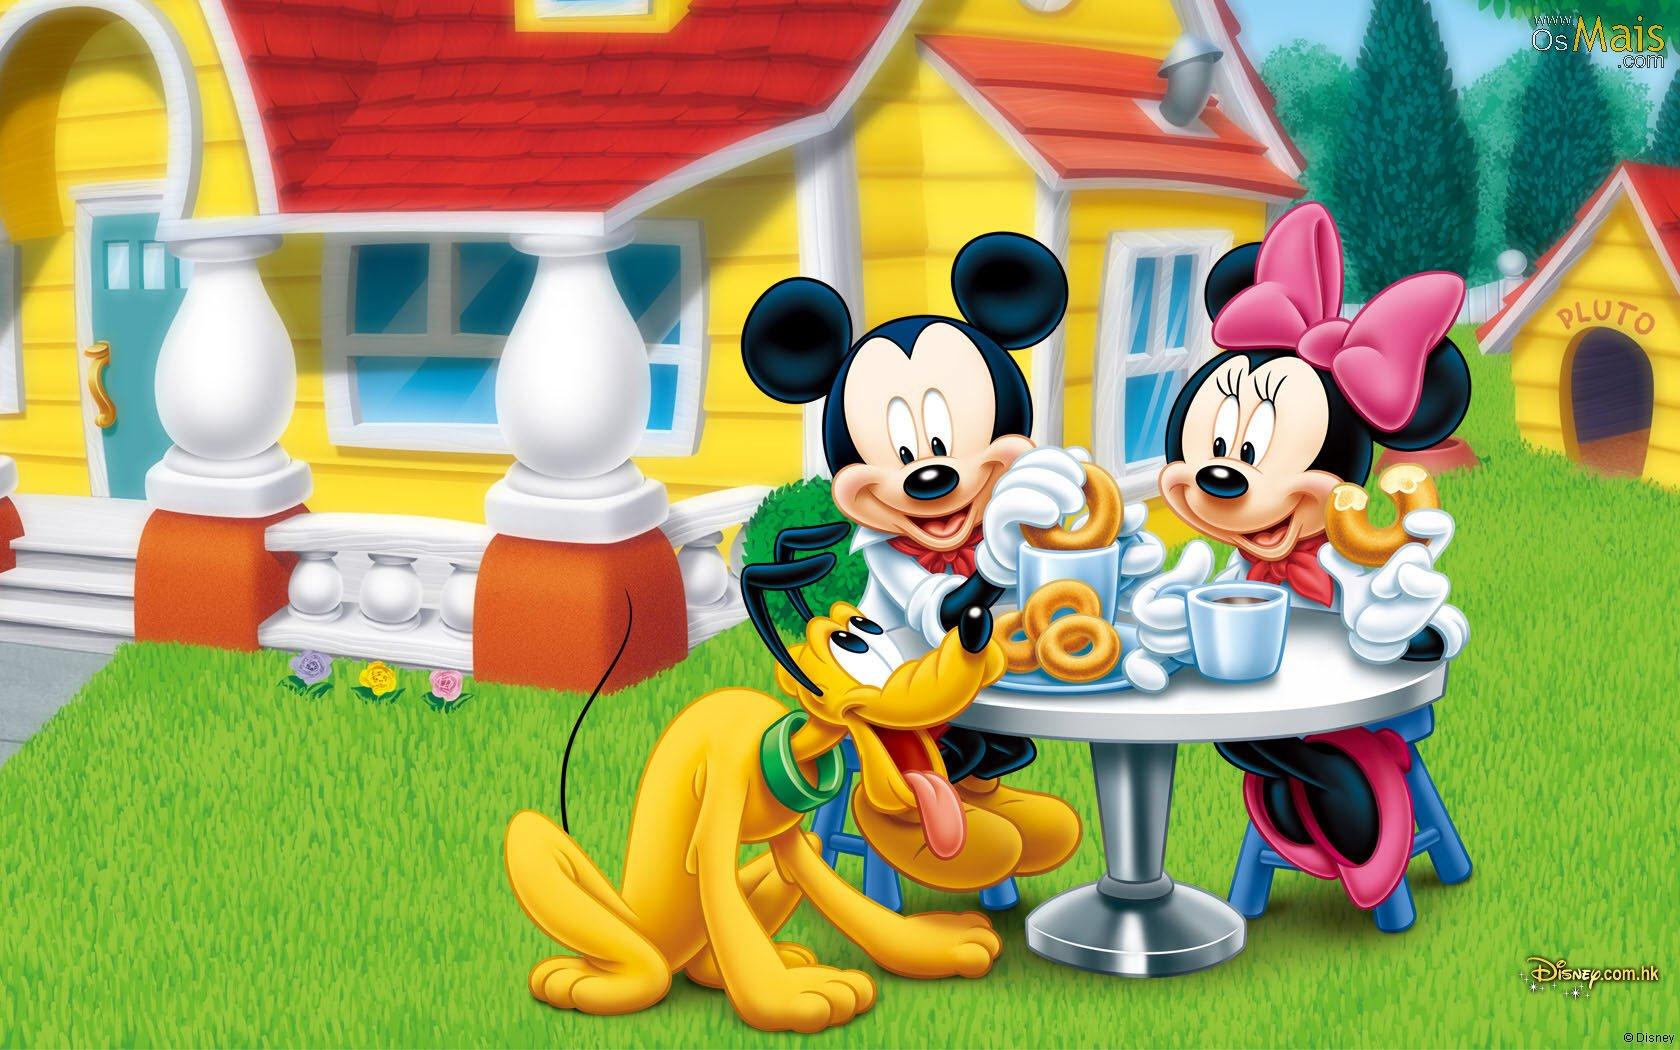 高解像度ミッキーマウスの背景 無料ディズニー壁紙ダウンロード 1680x1050 Wallpapertip